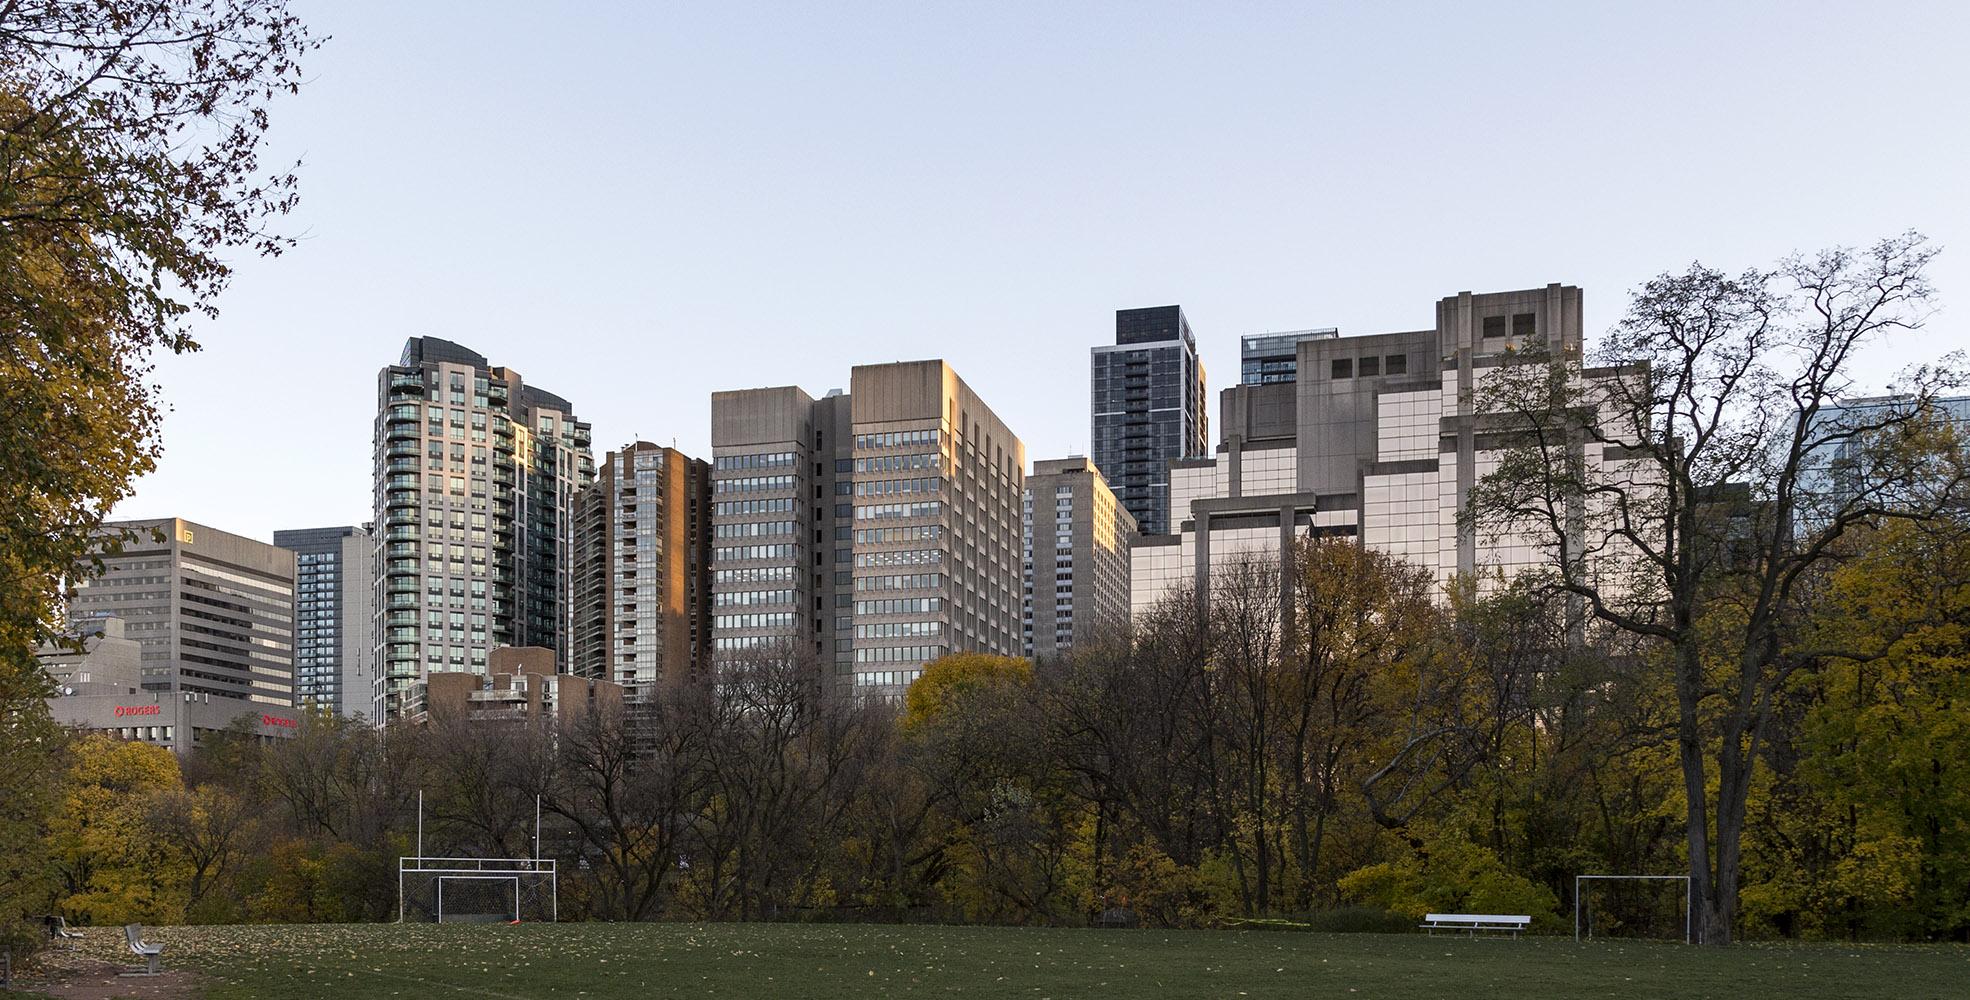 20161210. Toronto's Bloor St E skyline rises above the Rosedale